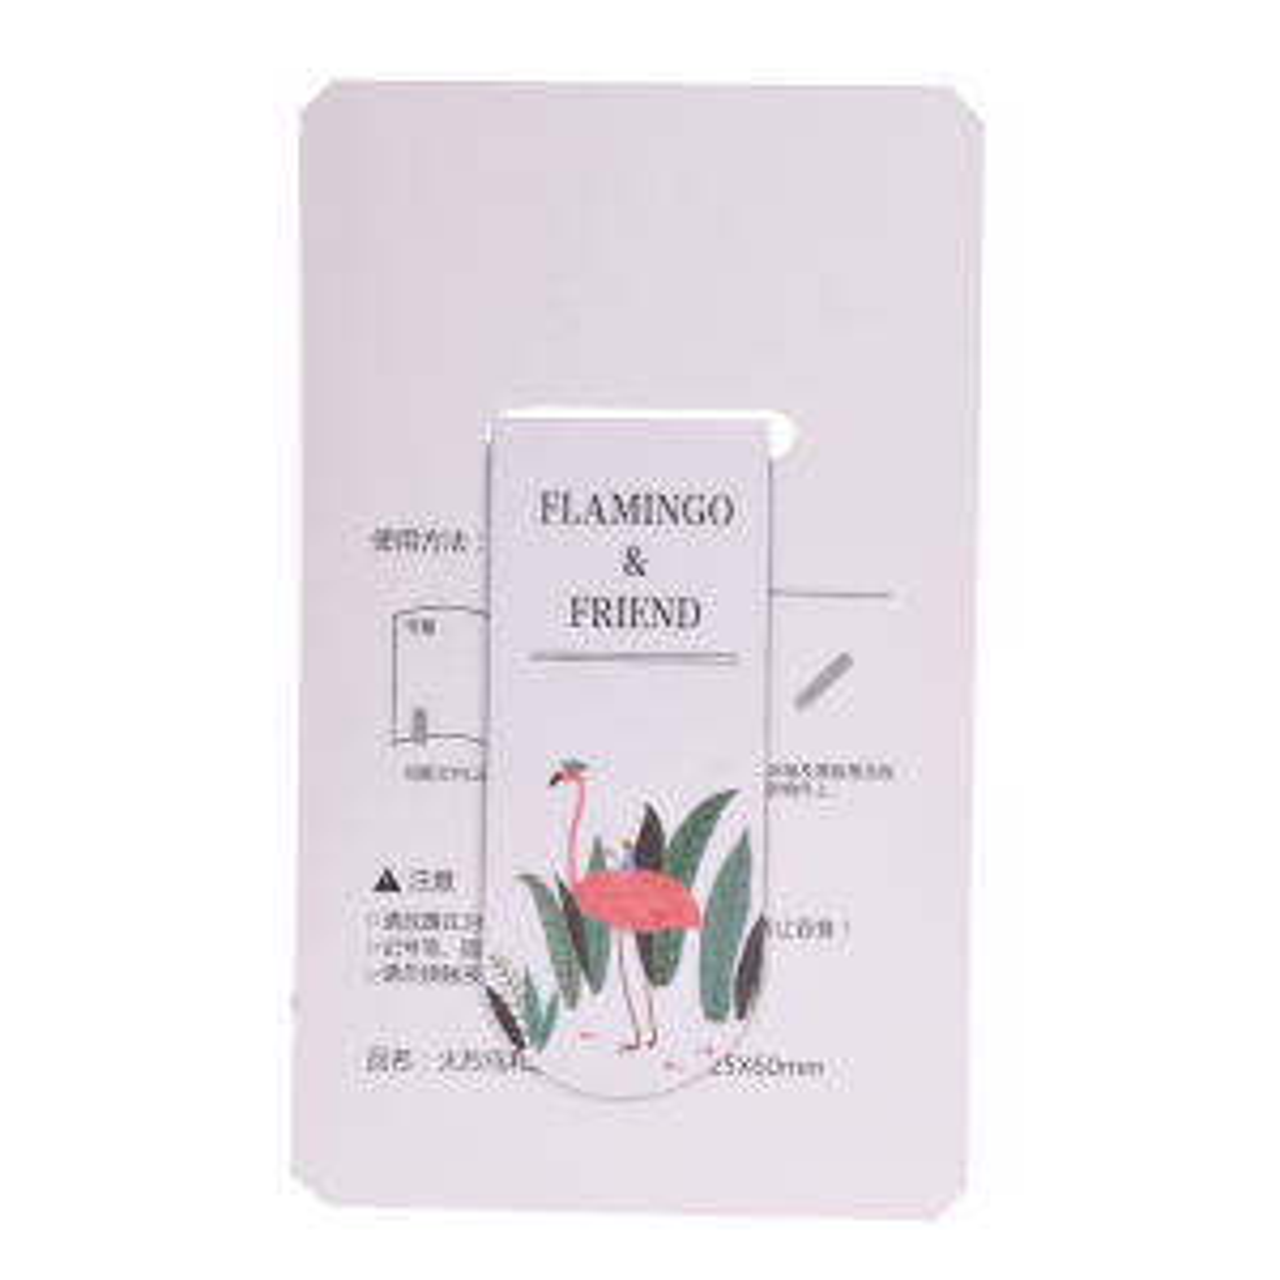 نشانگر کتاب مگنتی مدل Flamingo and friend 3